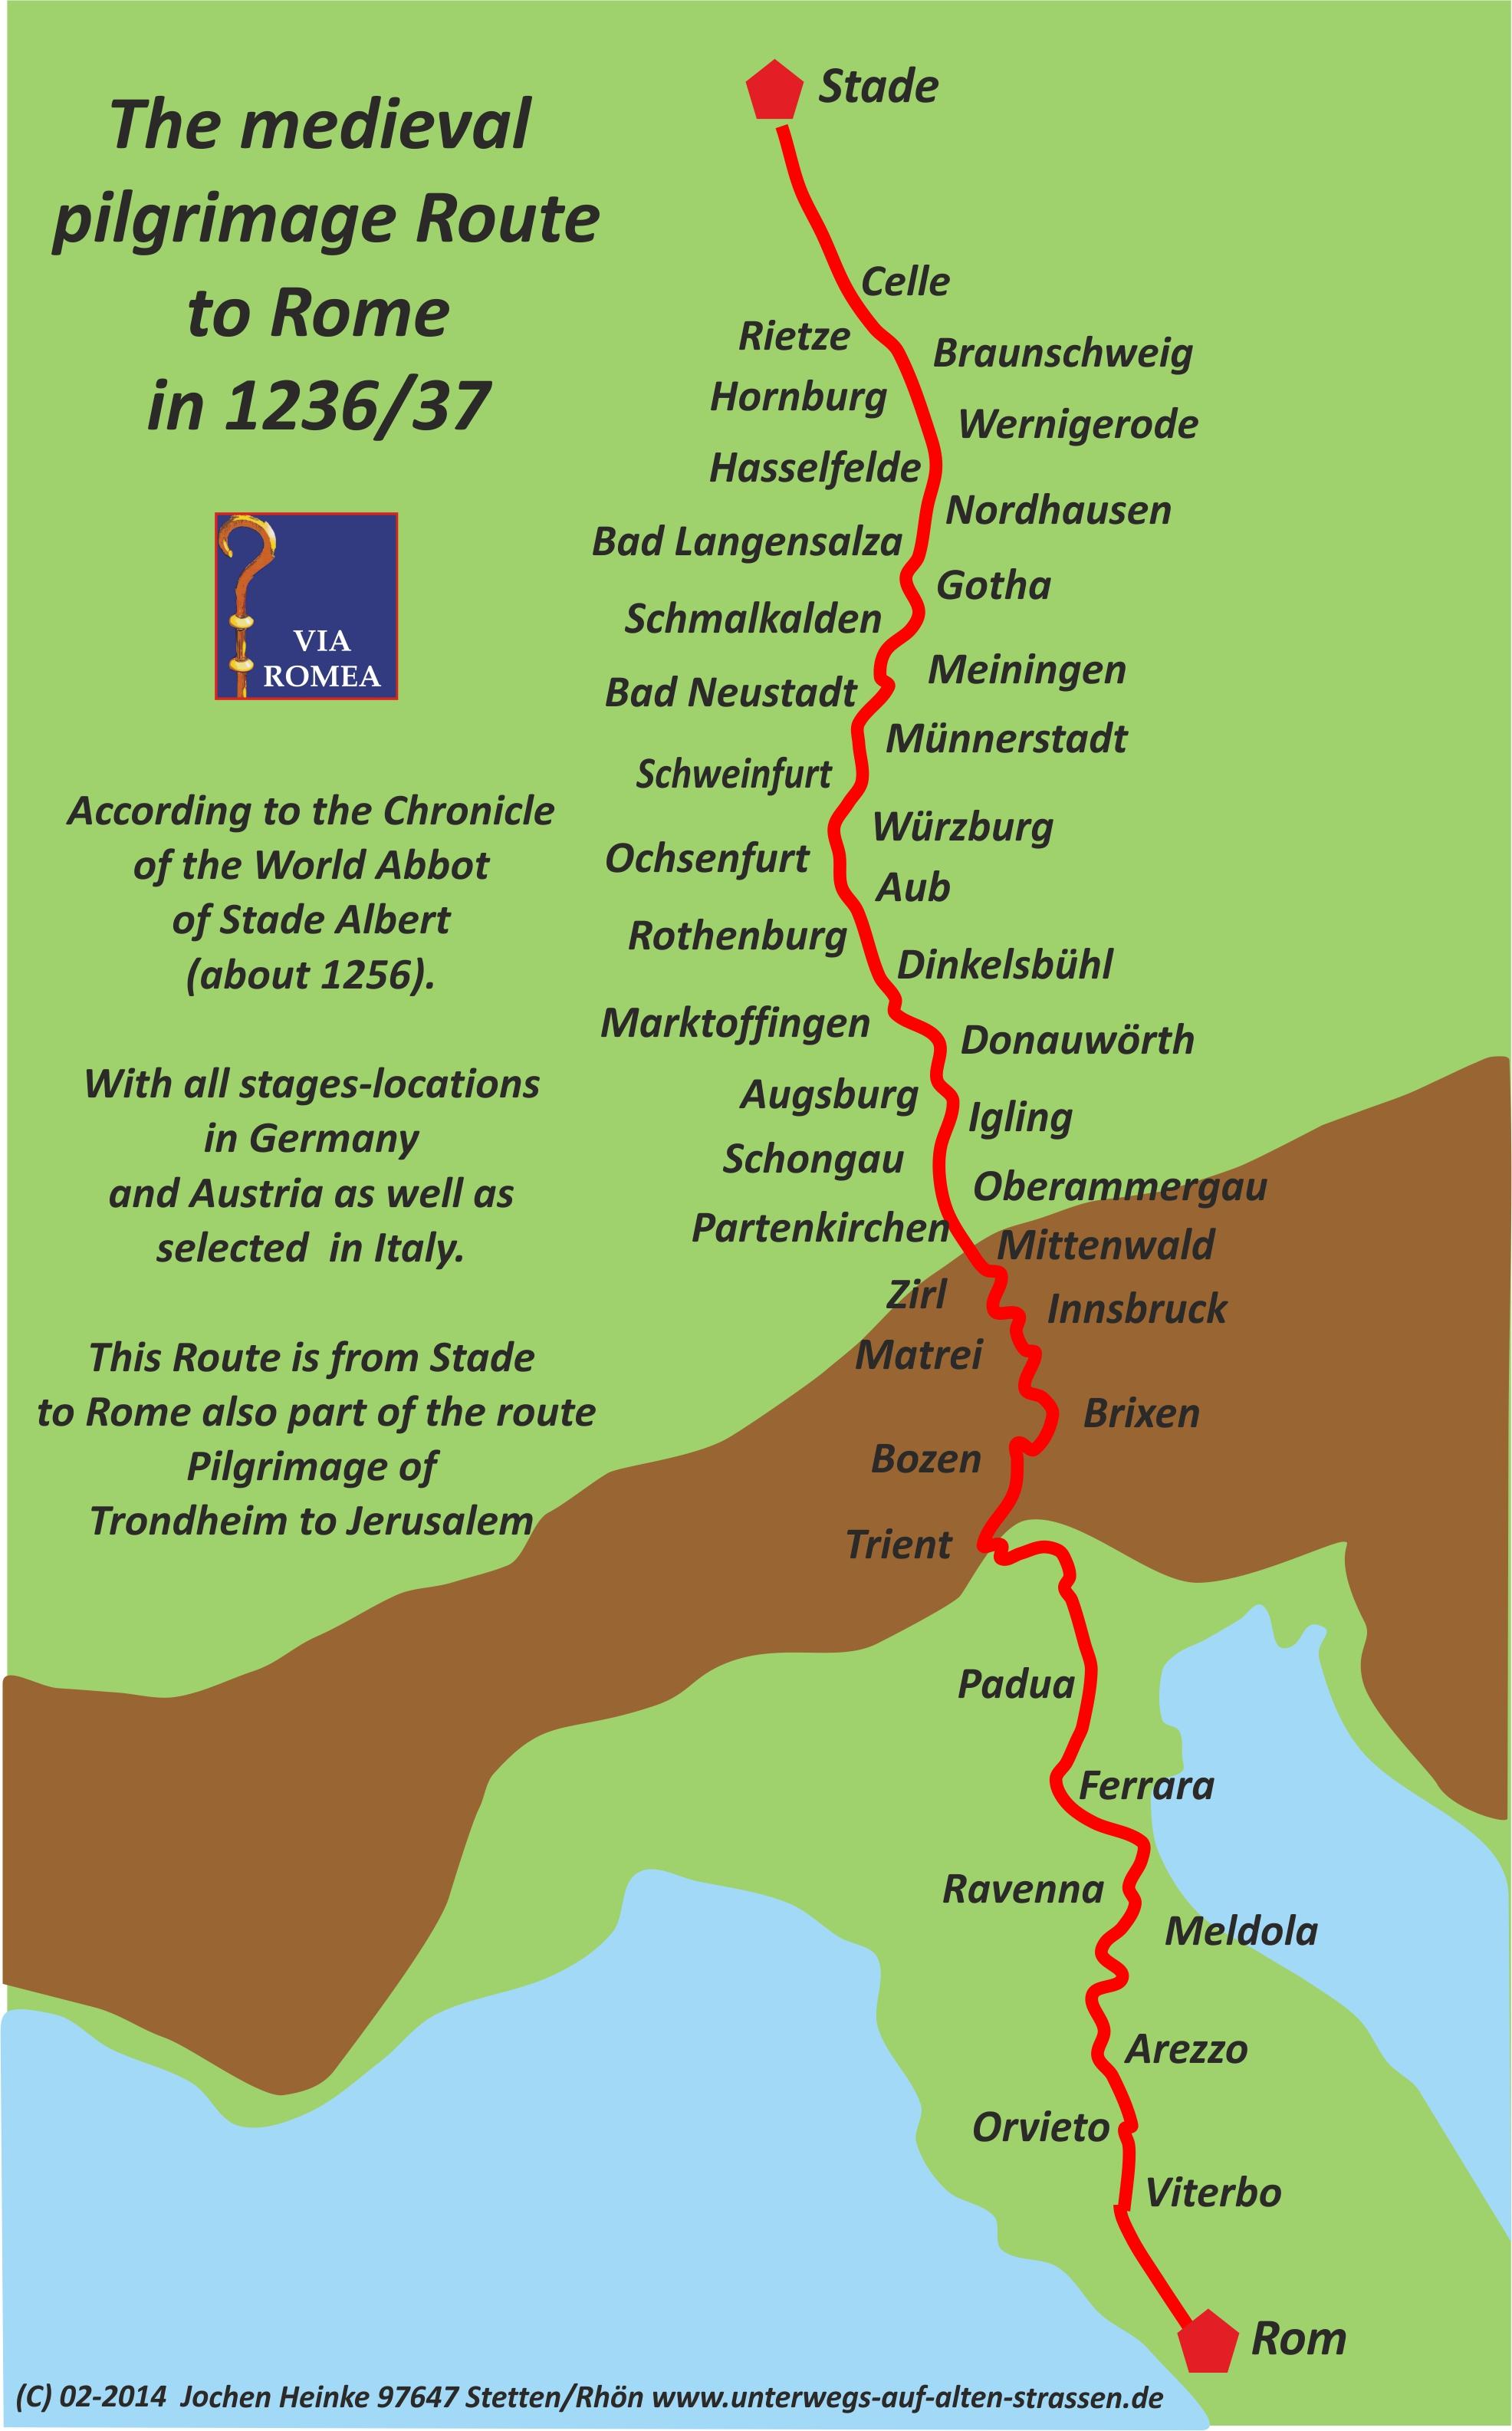 Cartina Italia Con Distanze Km.Documenti E Mappe Via Romea Germanica Viaromeagermanica